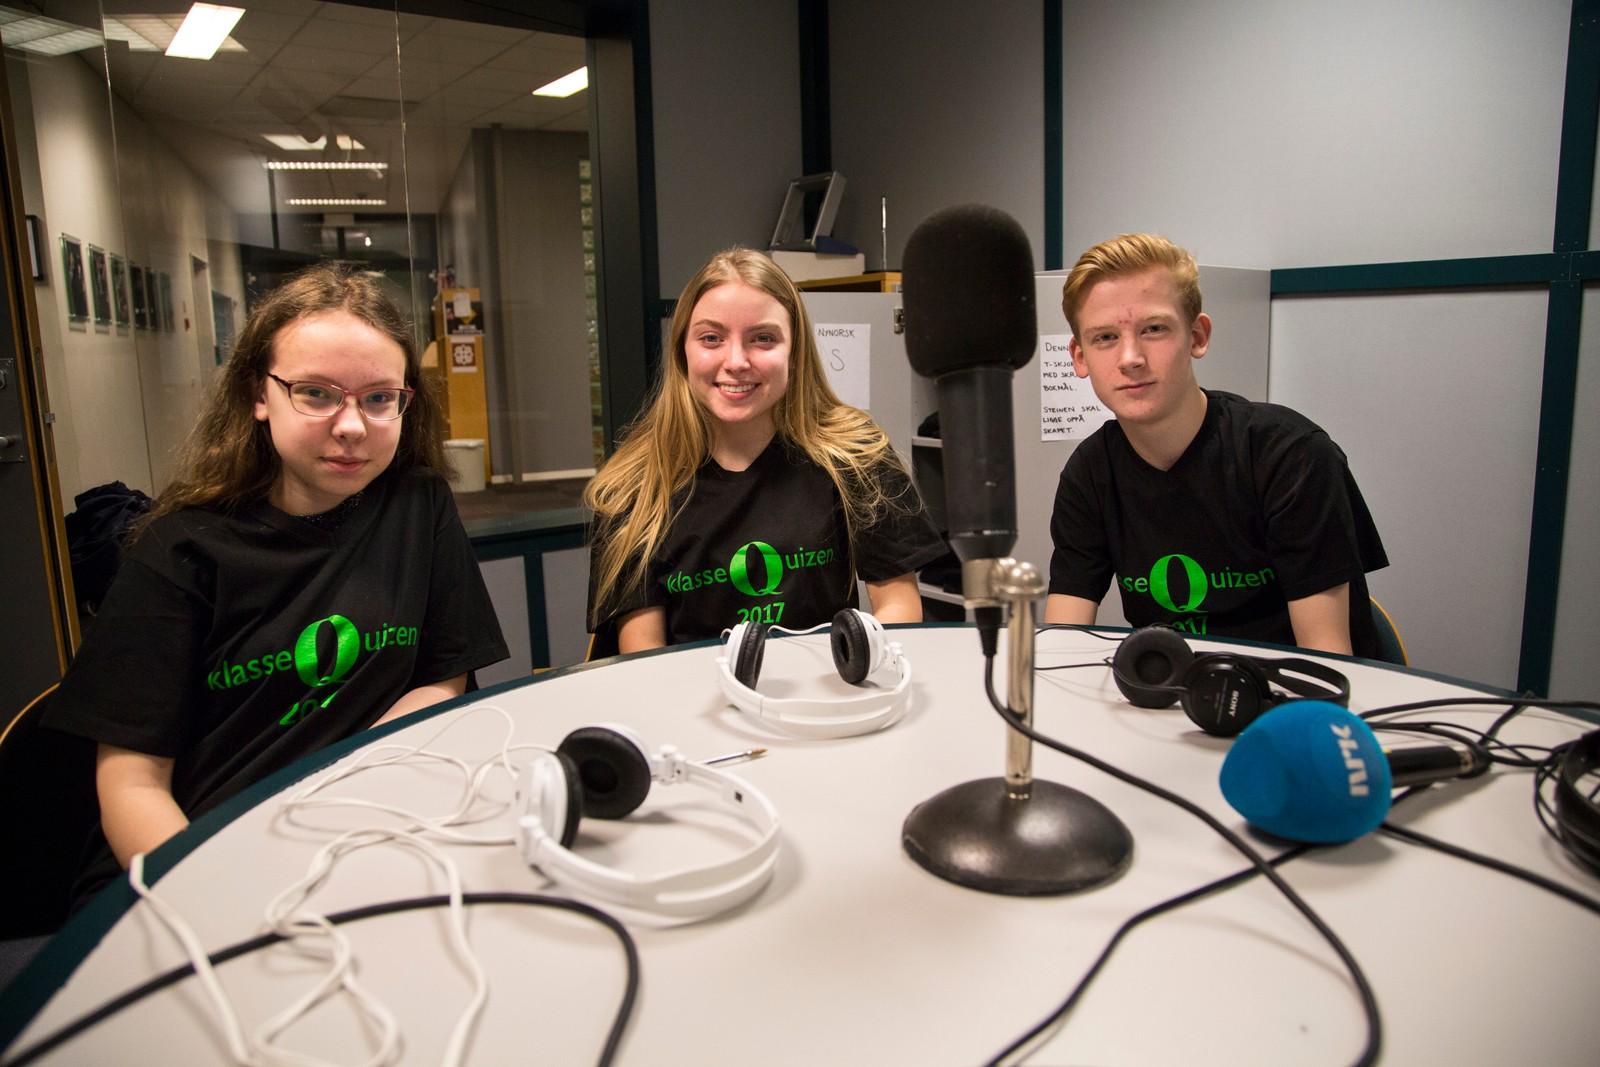 Austbø Skole på Klassequiz. Fra venstre: Ingvild Rønning Buvik, Julie Birkeland, Sigurd Westermoen Kristiansen. De fikk 11 poeng.